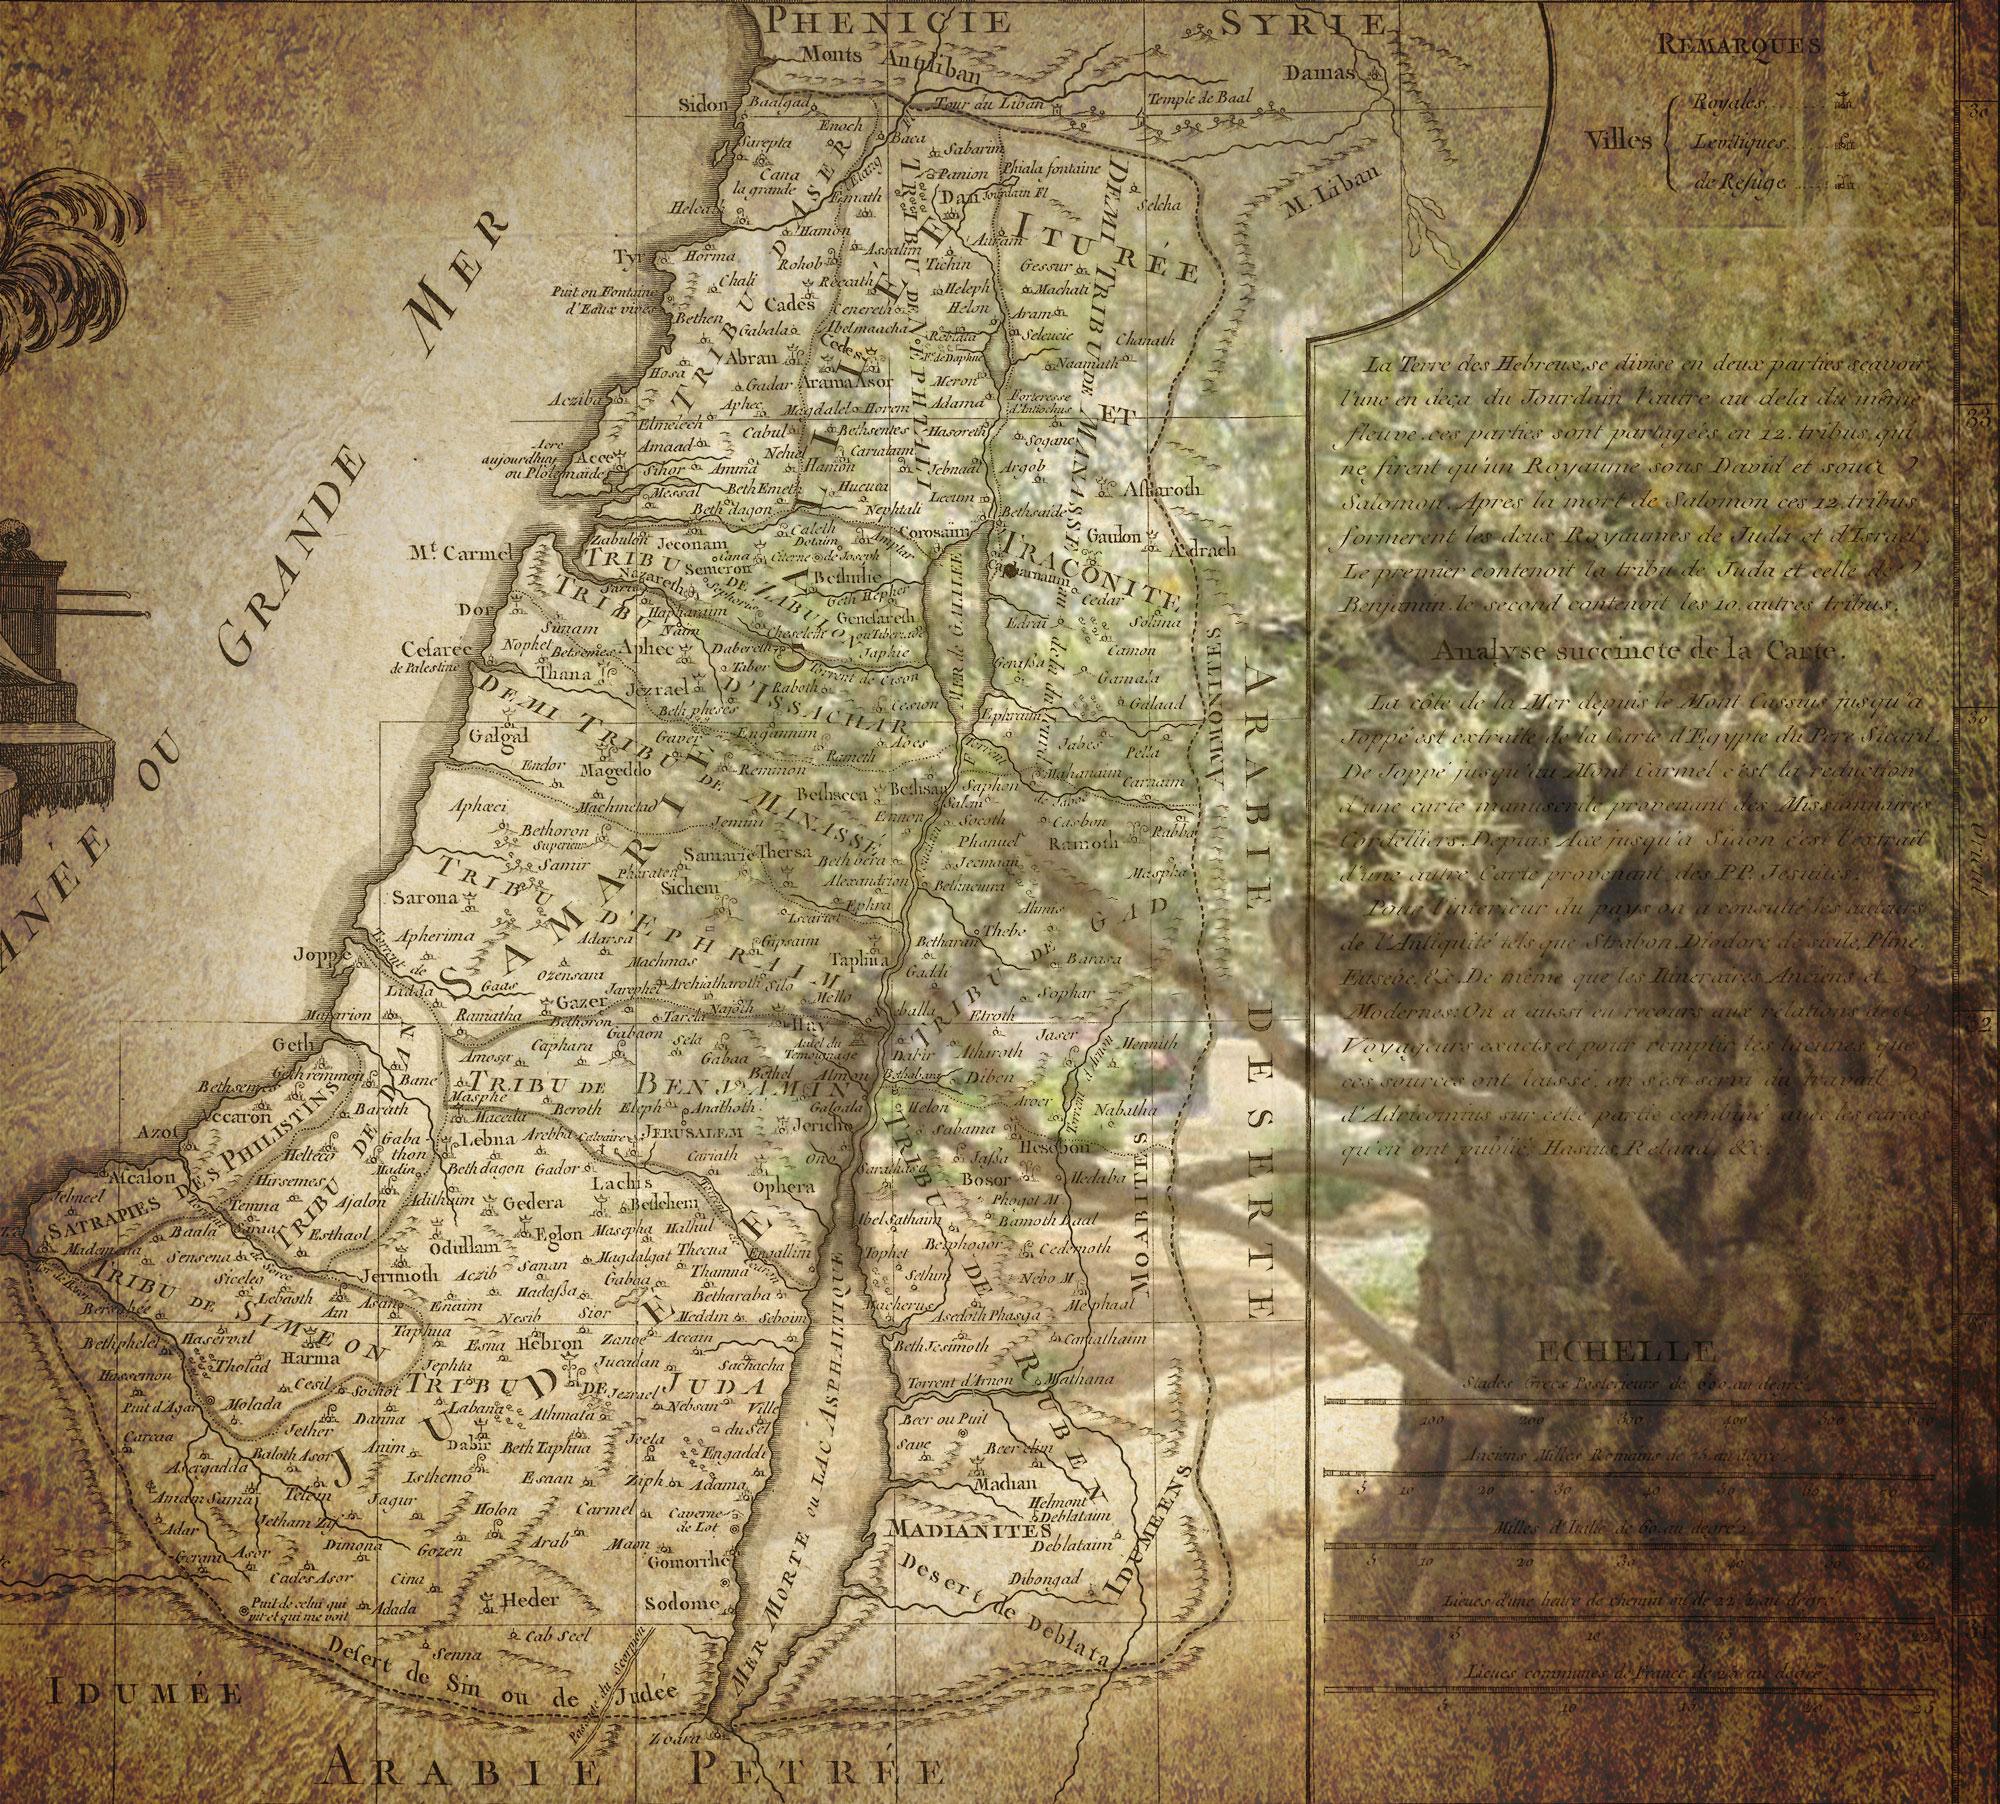 essays on ancient israel in its near eastern context Saul (hebreeuws: שָׁאוּל, šāʔûl of scha'ul, de gevraagde [een danknaam voor de geboorte van een kind]) was volgens de overlevering in de hebreeuwse bijbel de eerste koning van de israëlieten.